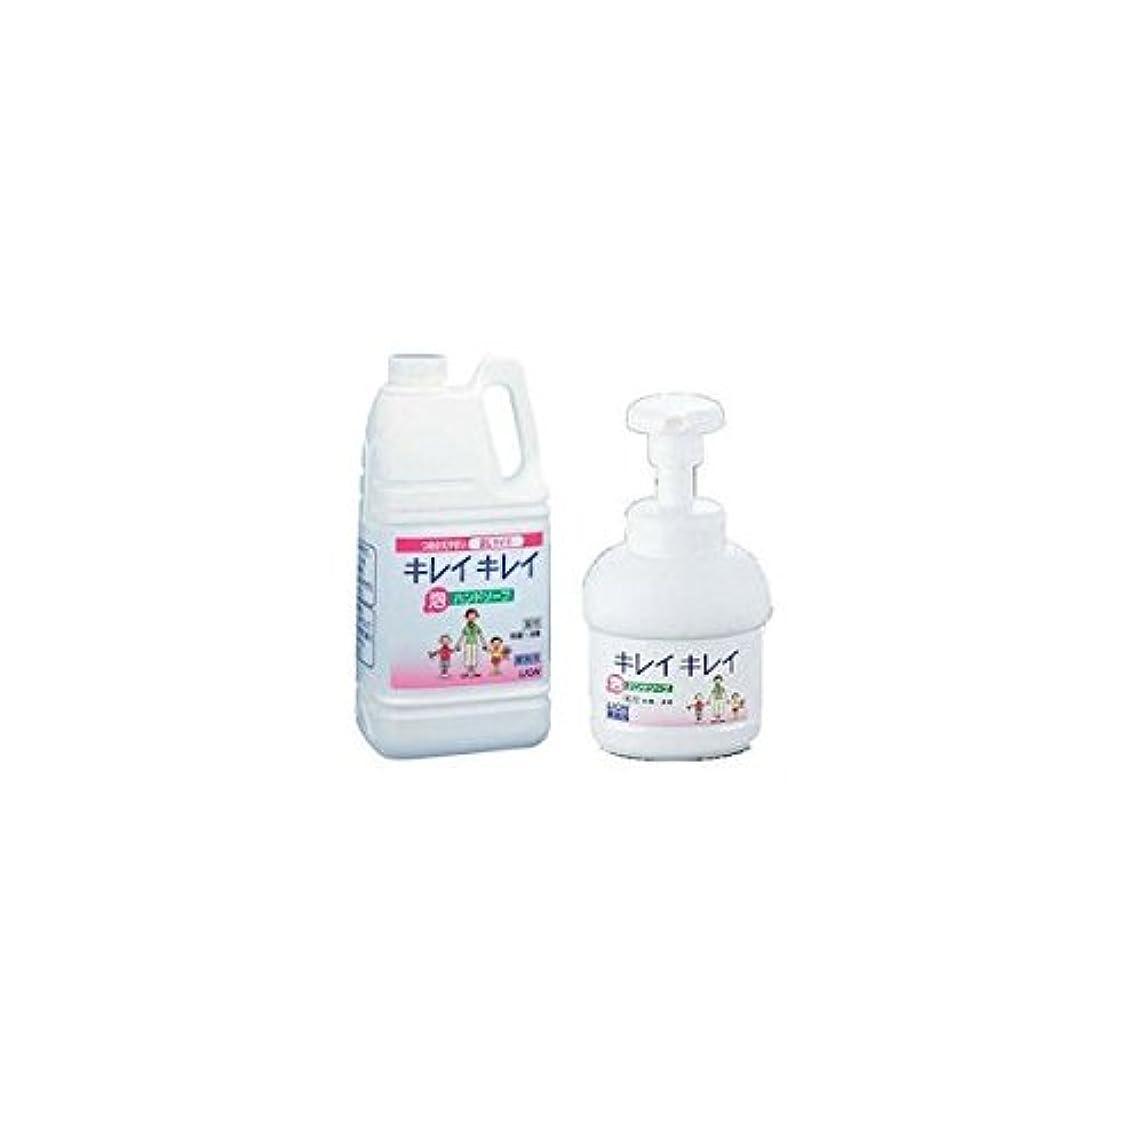 許容できる対象インドライオン キレイキレイ薬用泡ハンドソープ 2L(250MLポンプ付) 【品番】JHV2501